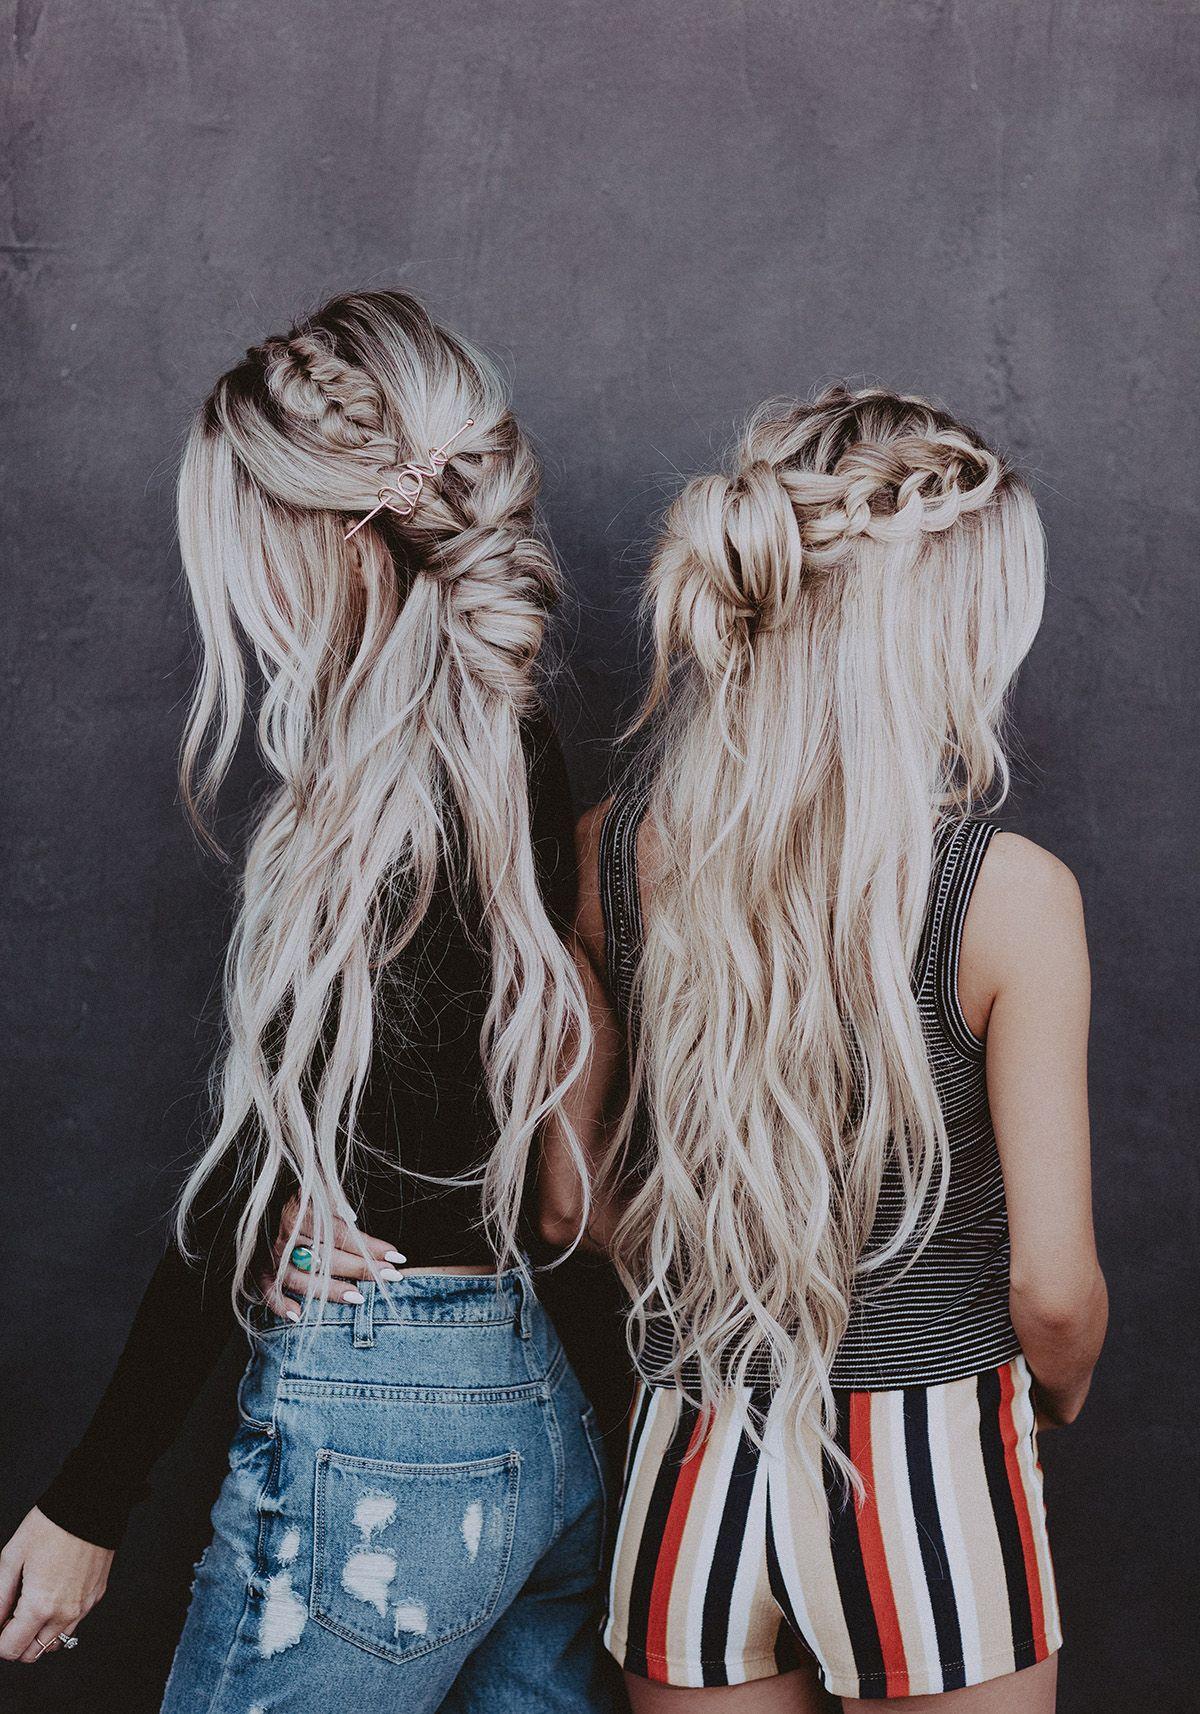 #hairstyles #braidedhairstyles #longhairstyles